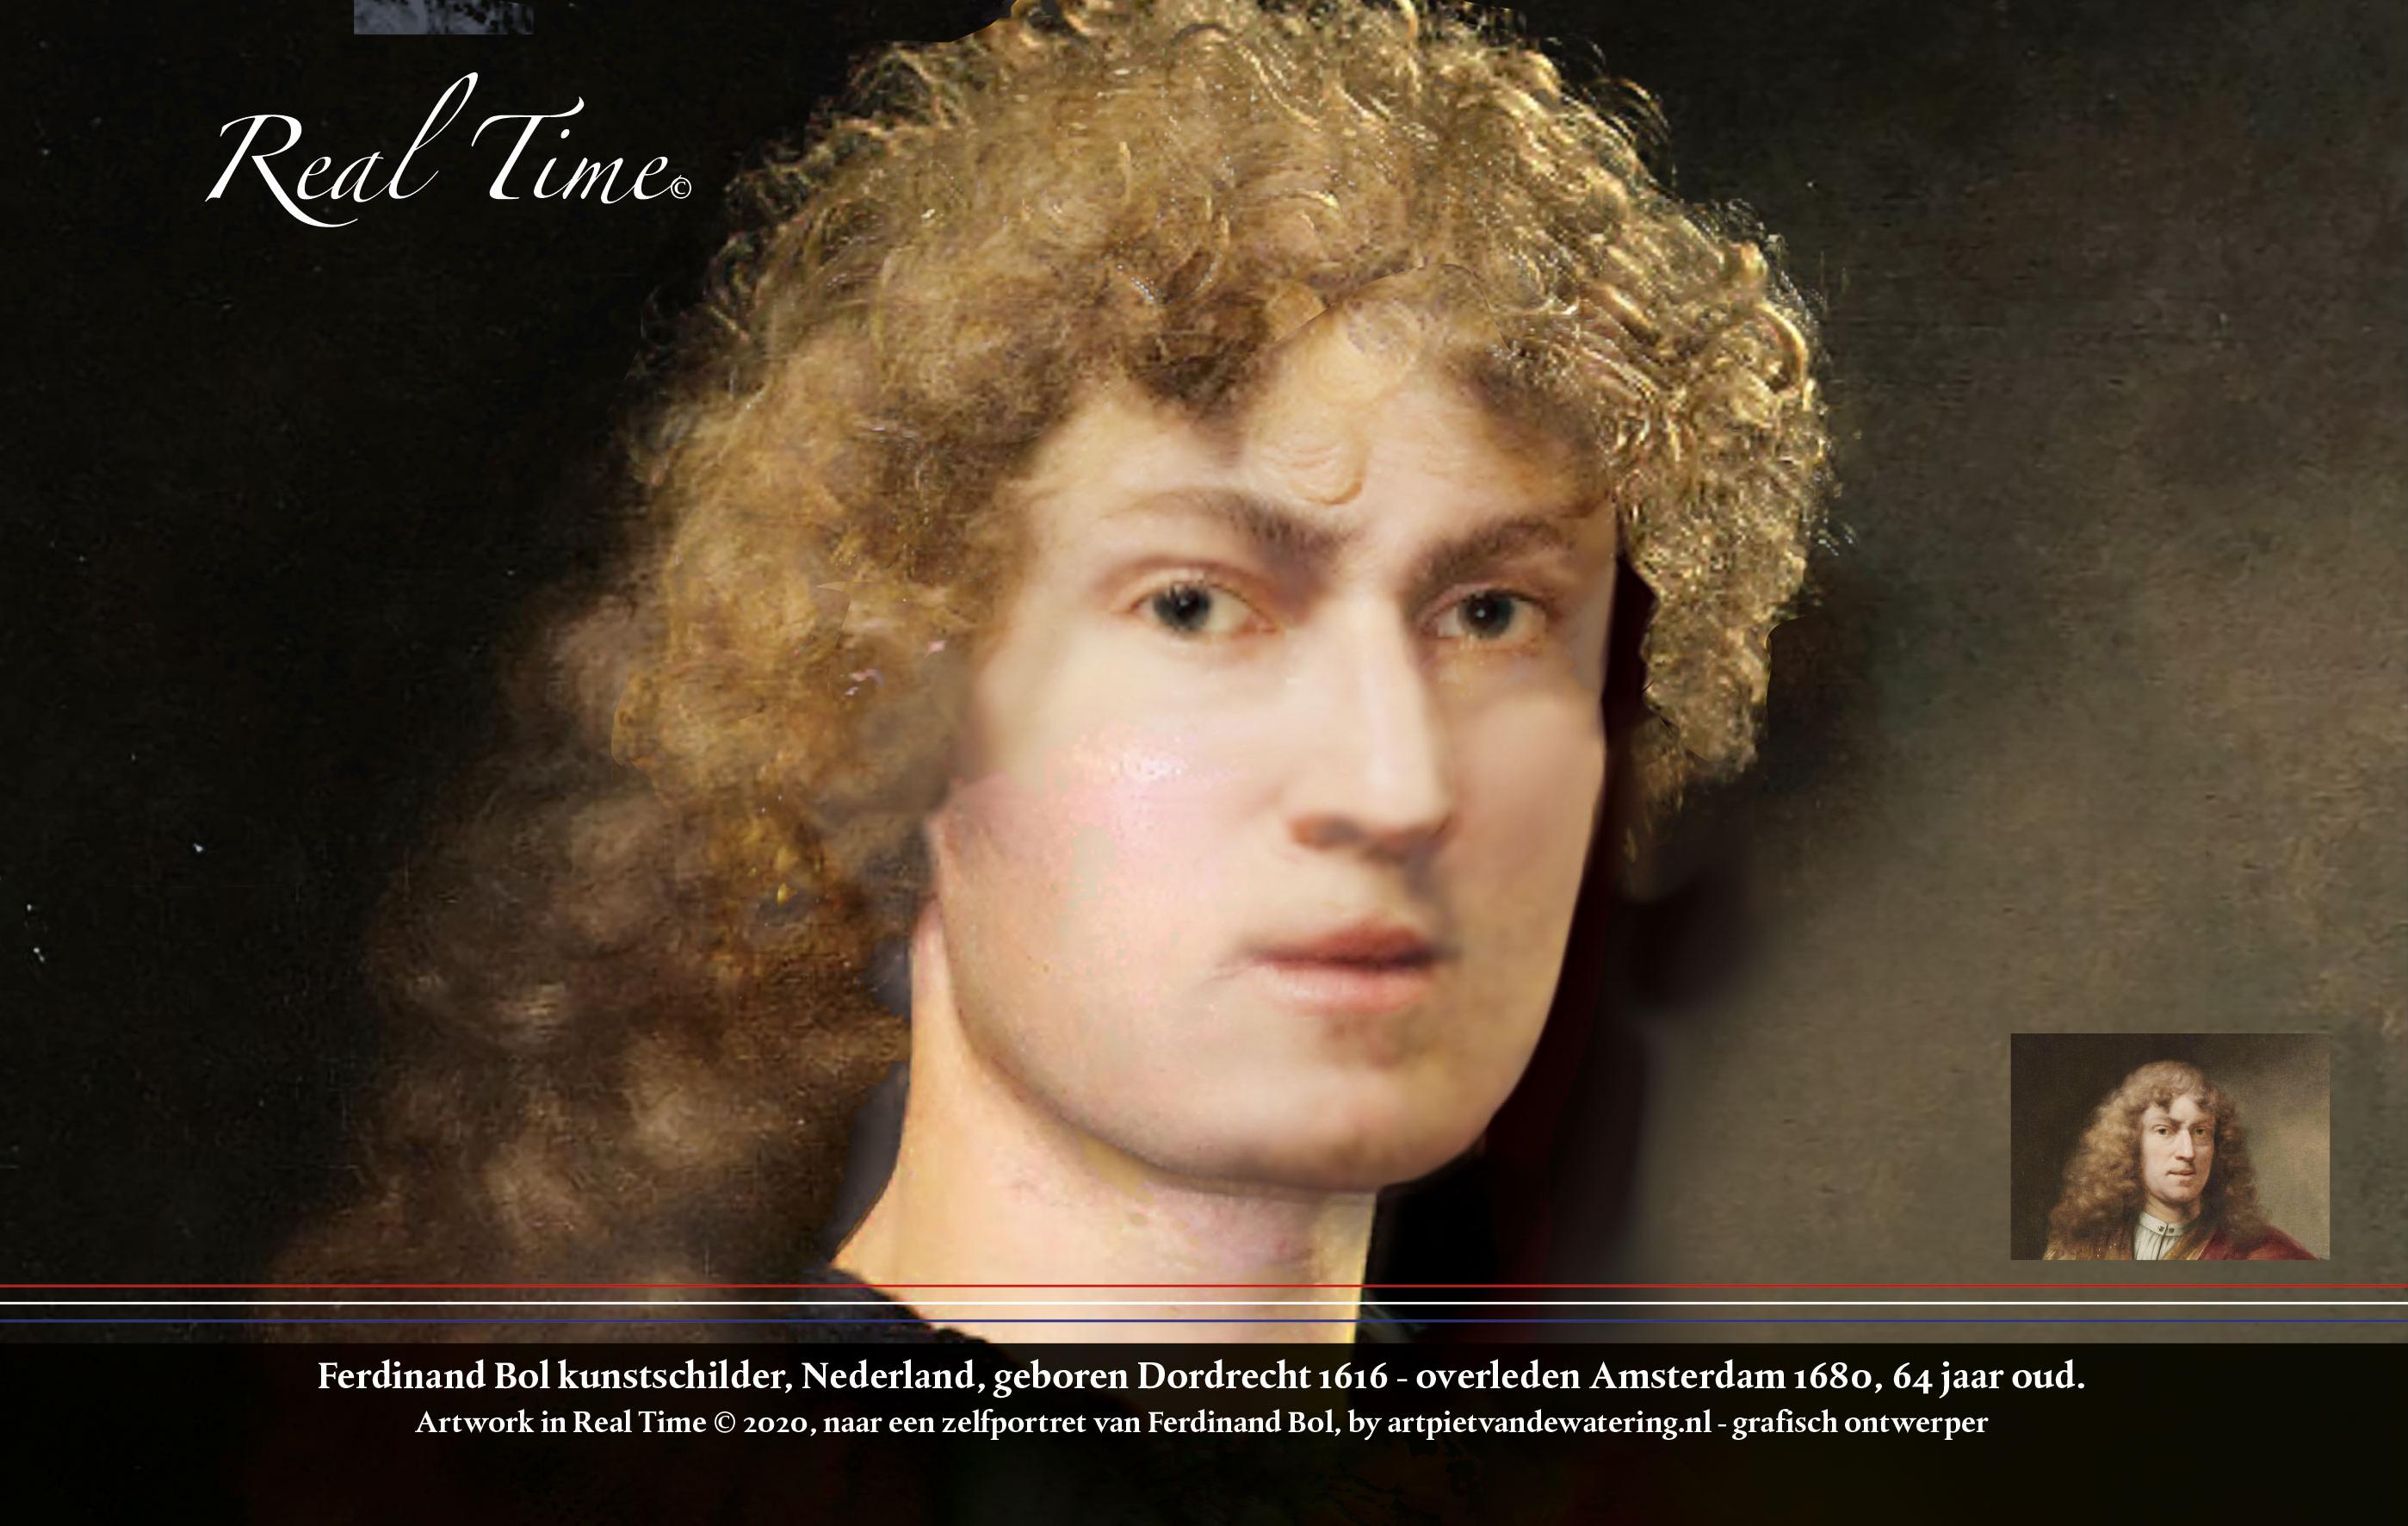 Ferdinand-Bol-1616-1680